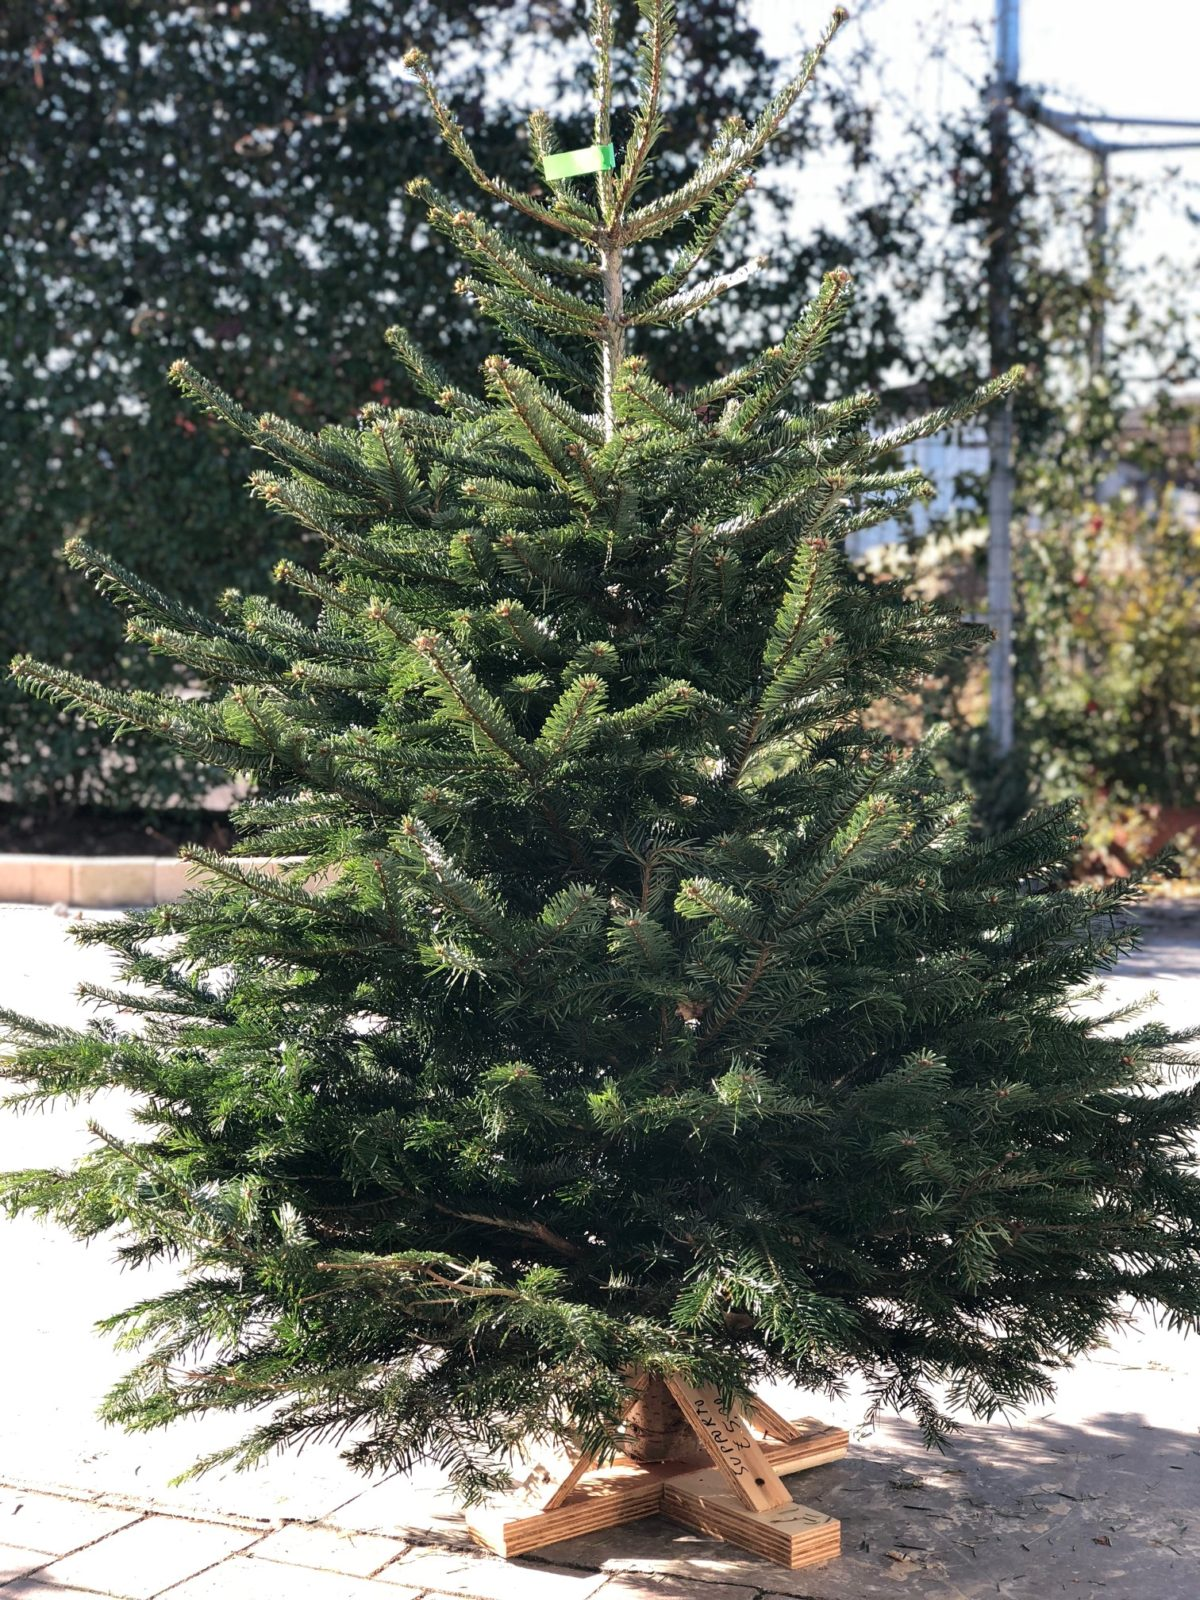 Albero Di Natale Vero.L Albero Di Natale Quello Vero Floricoltura Quaiato